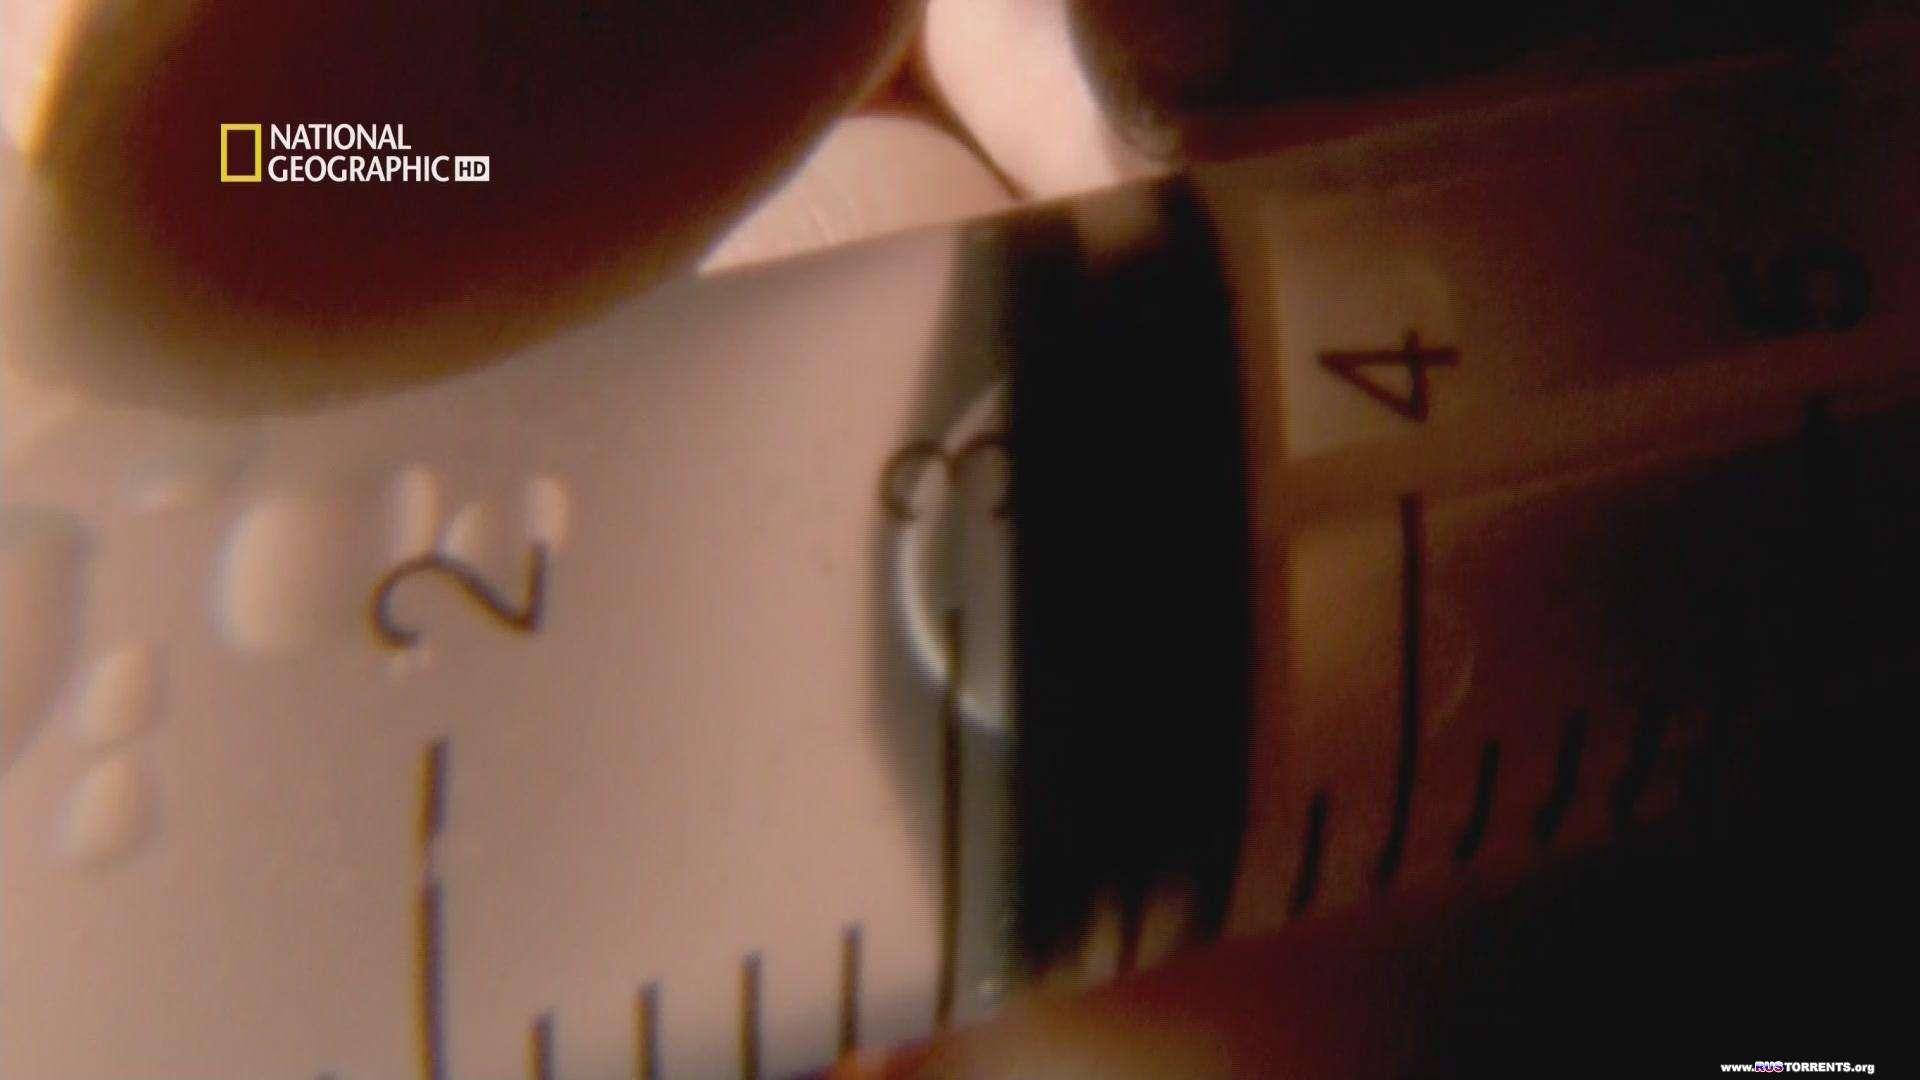 Индустрия наркотиков: Марихуана | HDTV 1080i